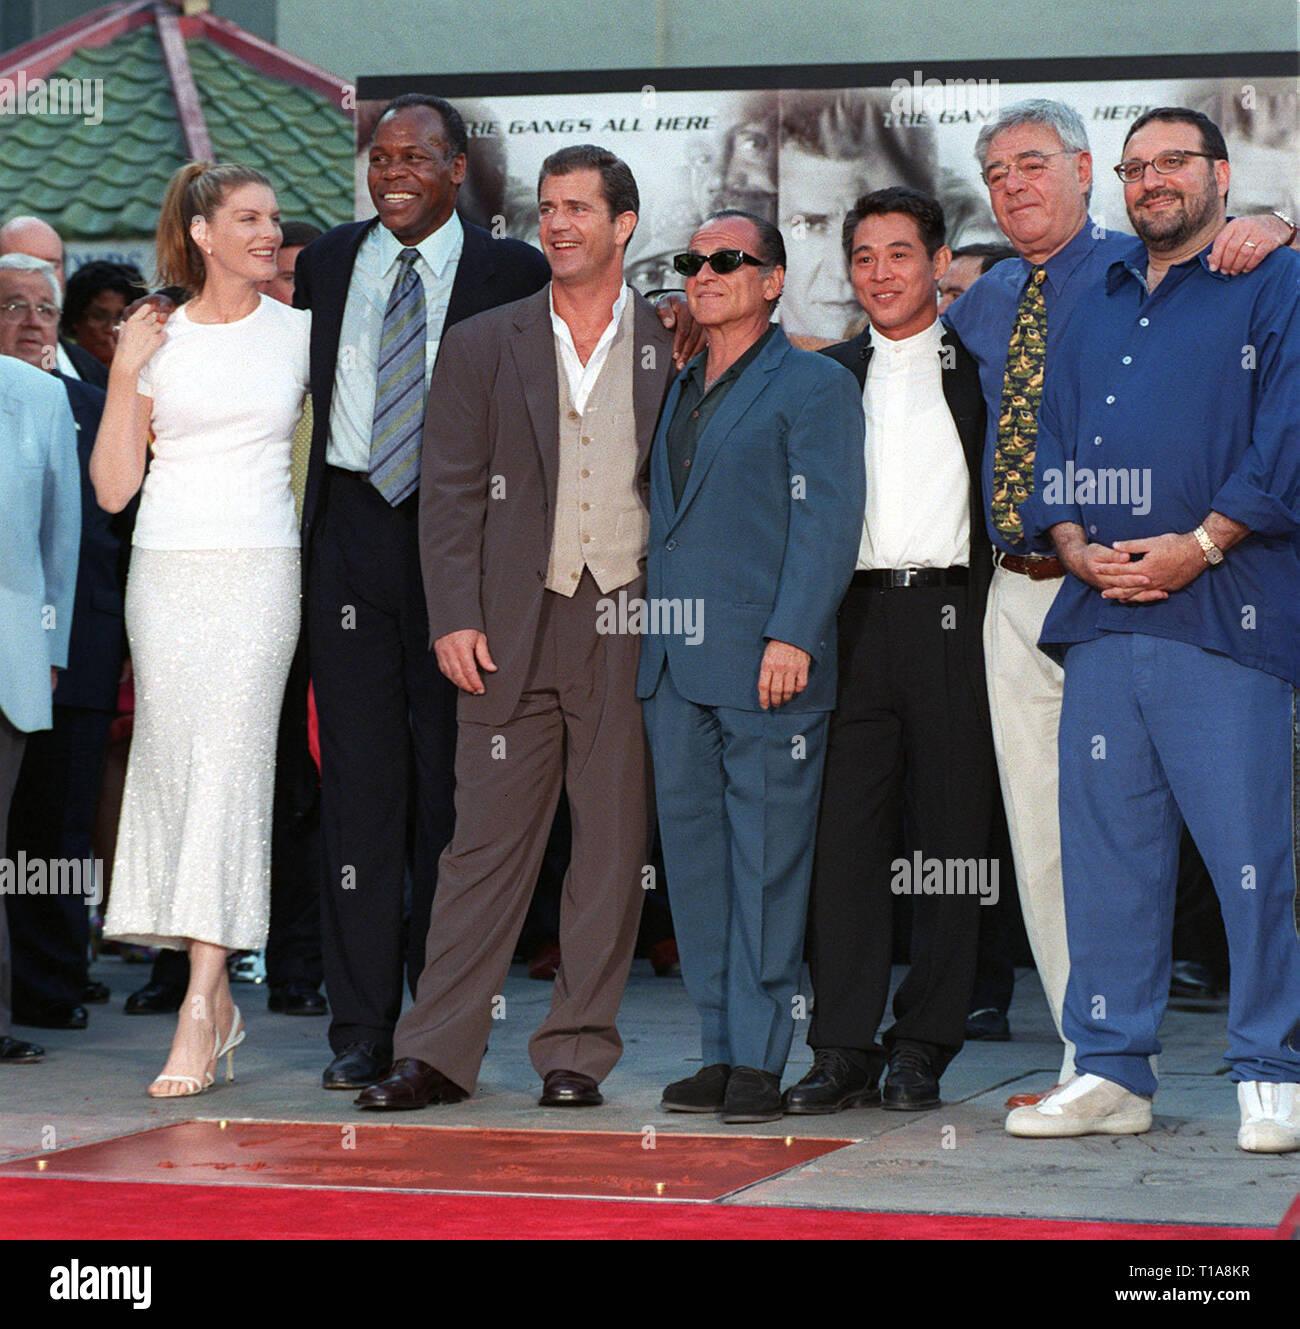 ¿Cuánto mide Danny Glover? Los-angeles-ca-julio-7-1998-lethal-weapon-4-stars-rene-russo-izquierda-danny-glover-mel-gibson-joe-pesci-jet-li-con-el-director-richard-donner-productor-joel-silver-en-el-teatro-chino-de-mann-donde-glover-tenia-su-mano-y-huellas-en-el-cemento-t1a8kr